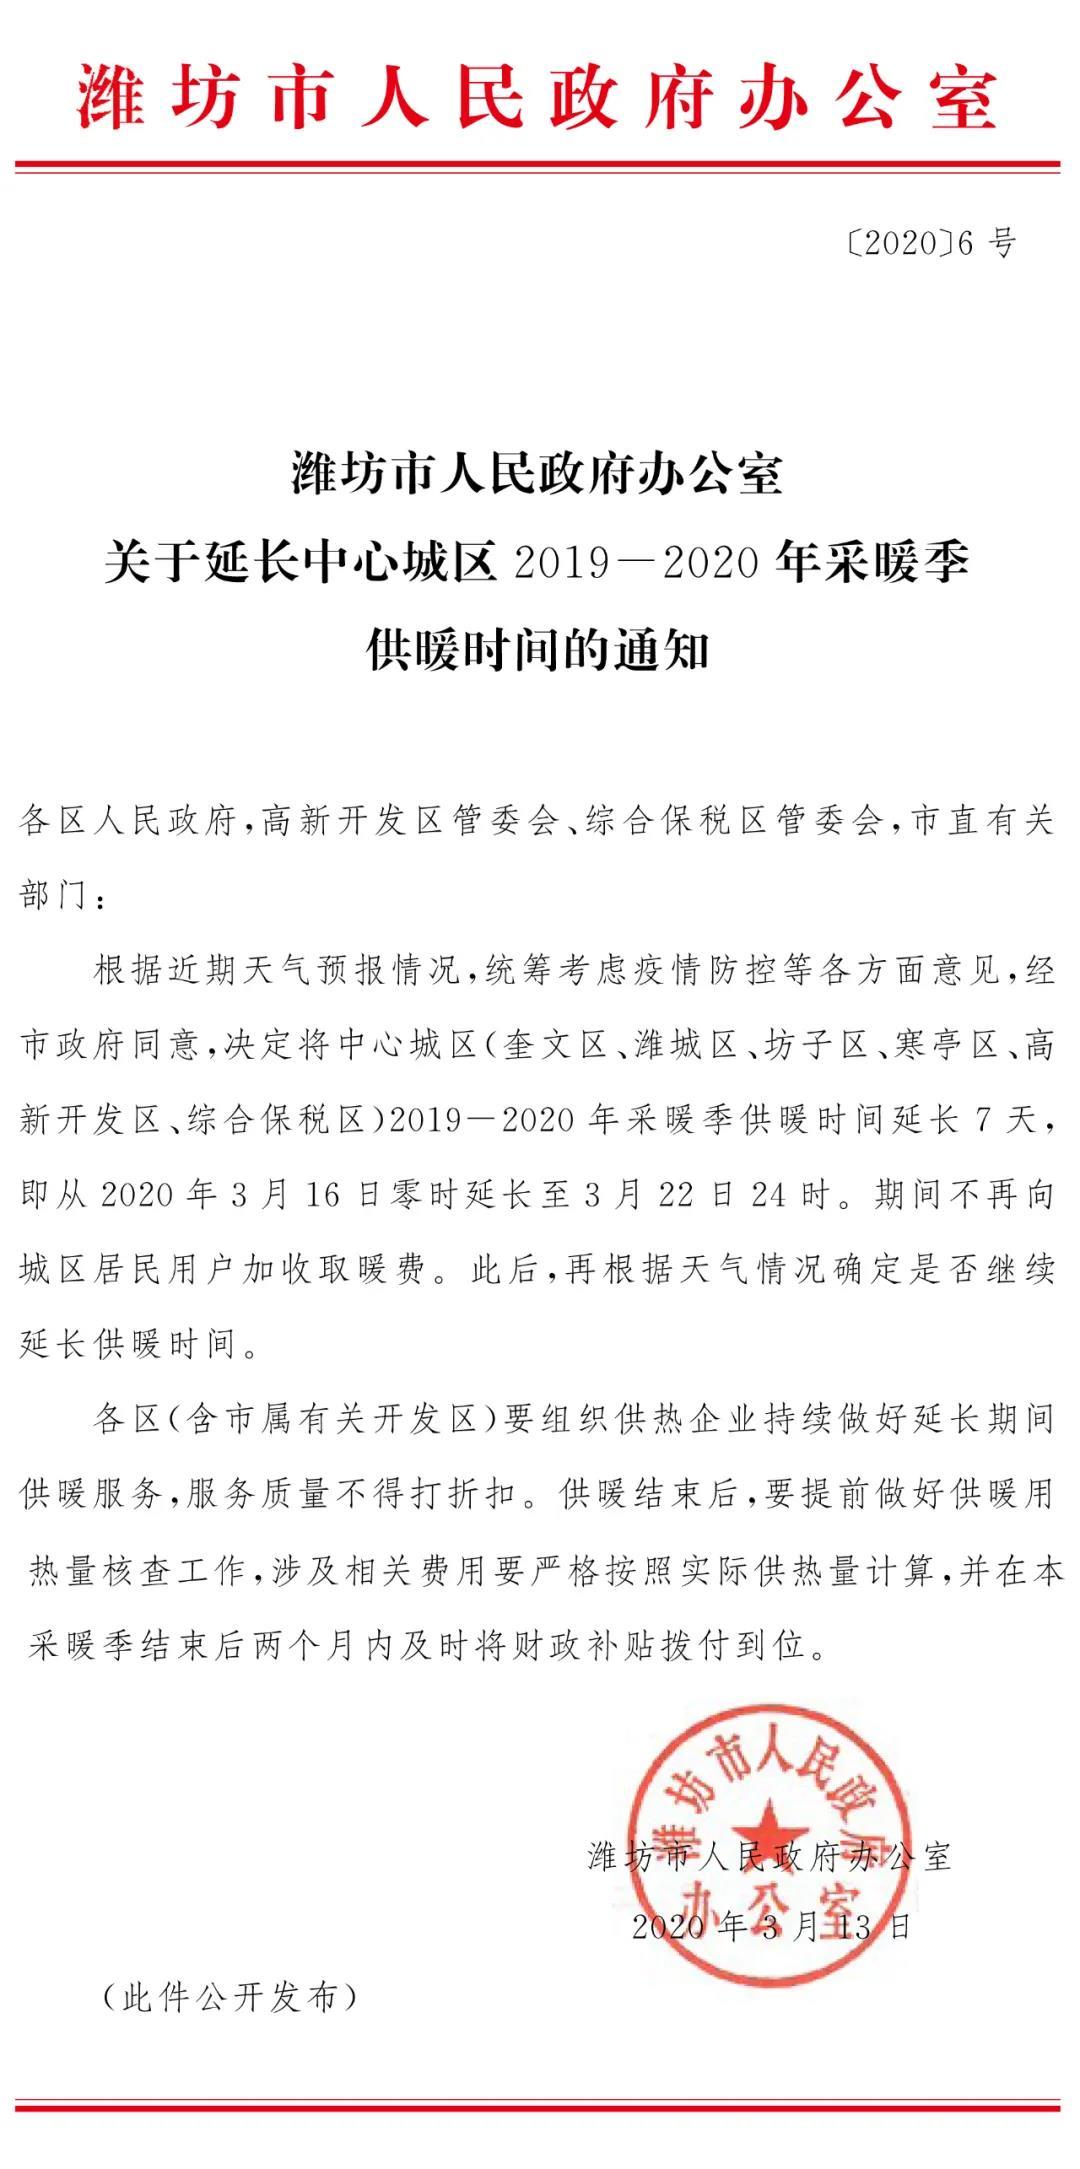 #取暖费#潍坊中心城区延期供暖7天,不加收居民取暖费